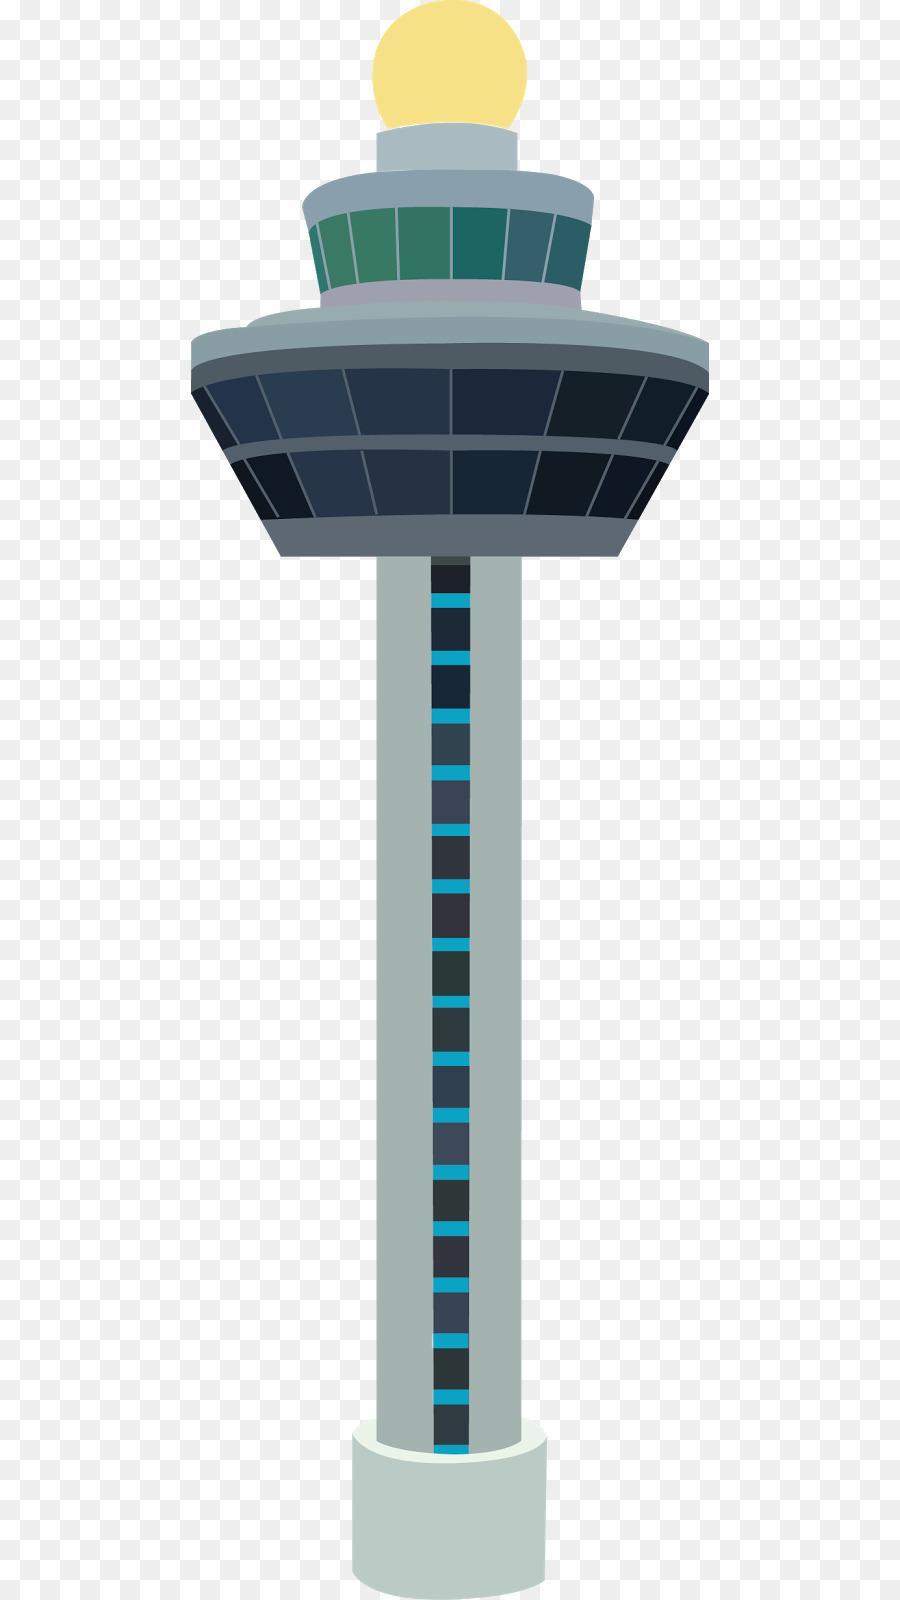 clipart Salzburg Airport Control tower Air traffic control.